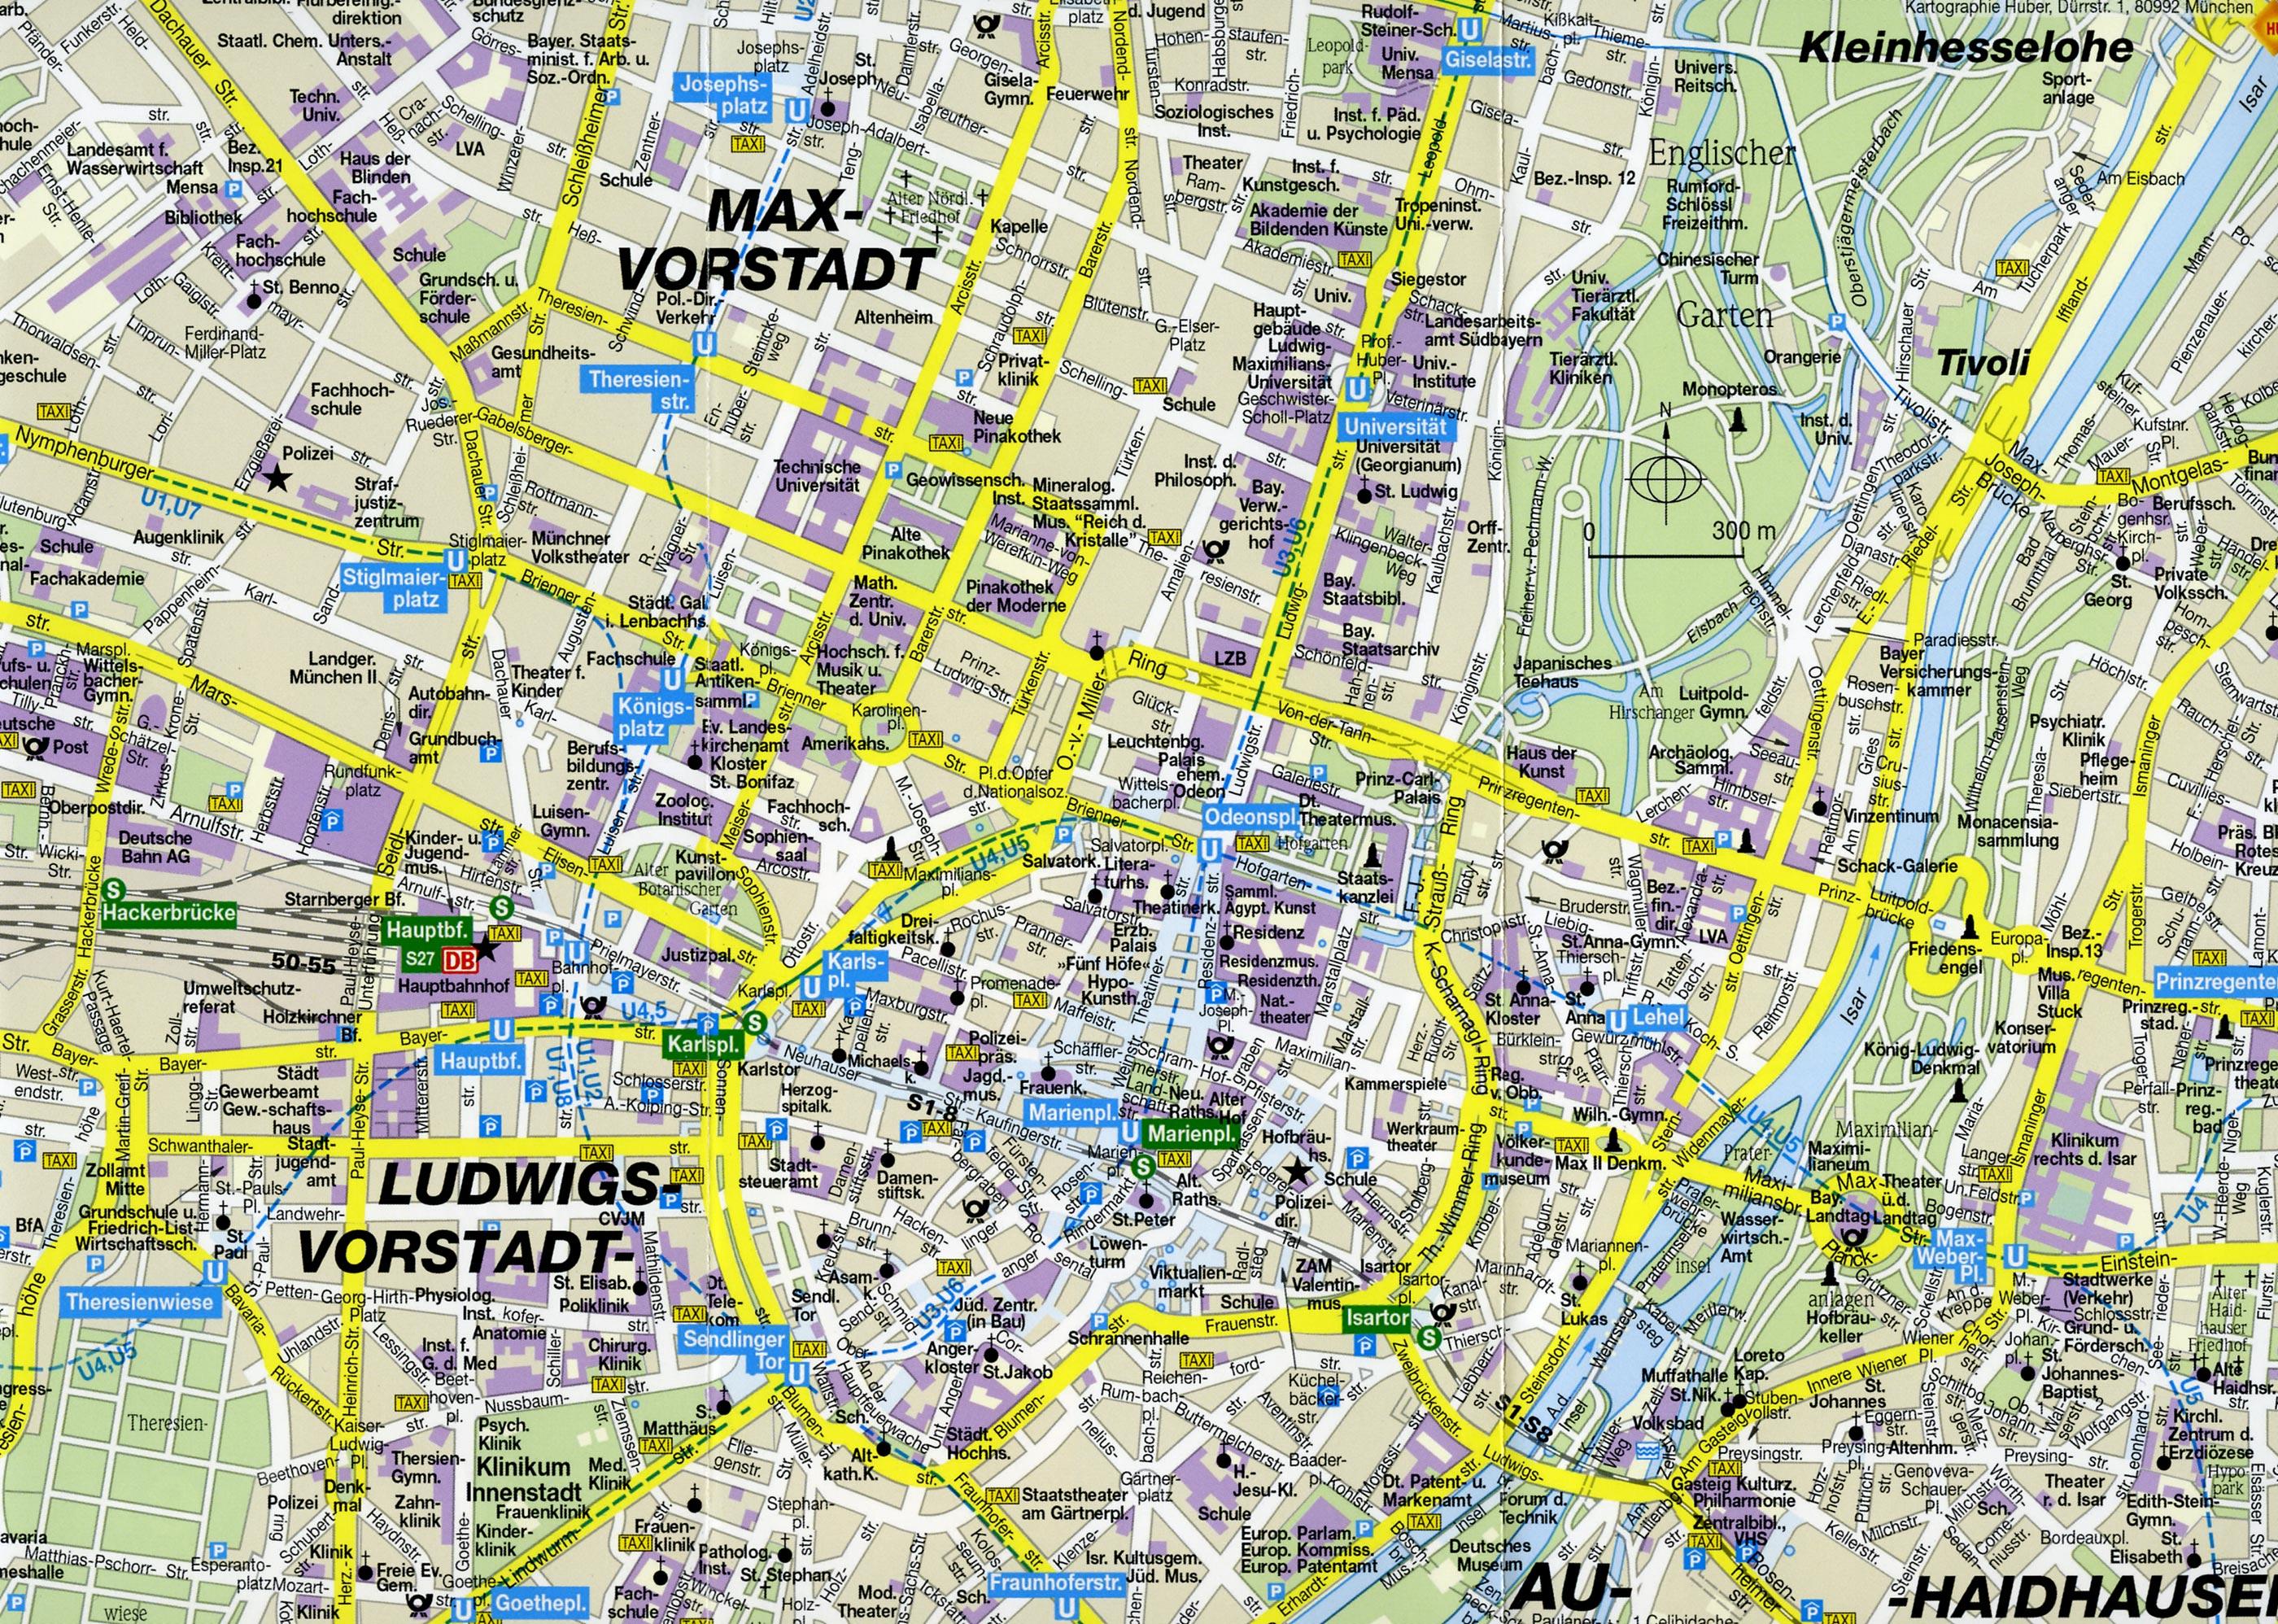 она меж достопримечательности мюнхена на карте сильной блондинки